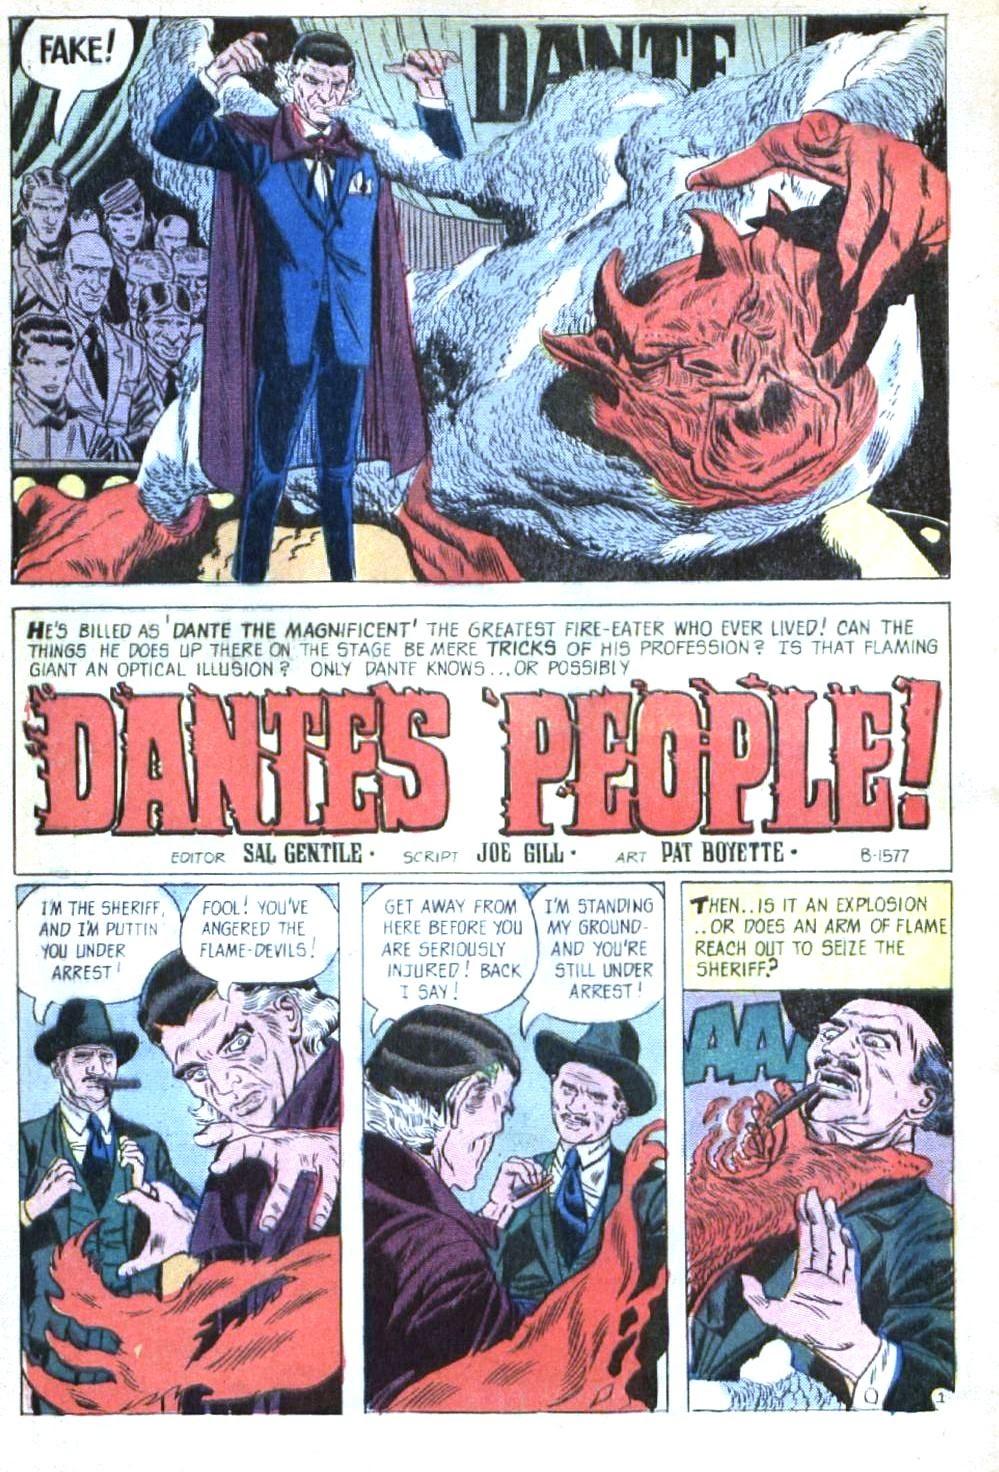 Strange Suspense Stories (1967) issue 3 - Page 4